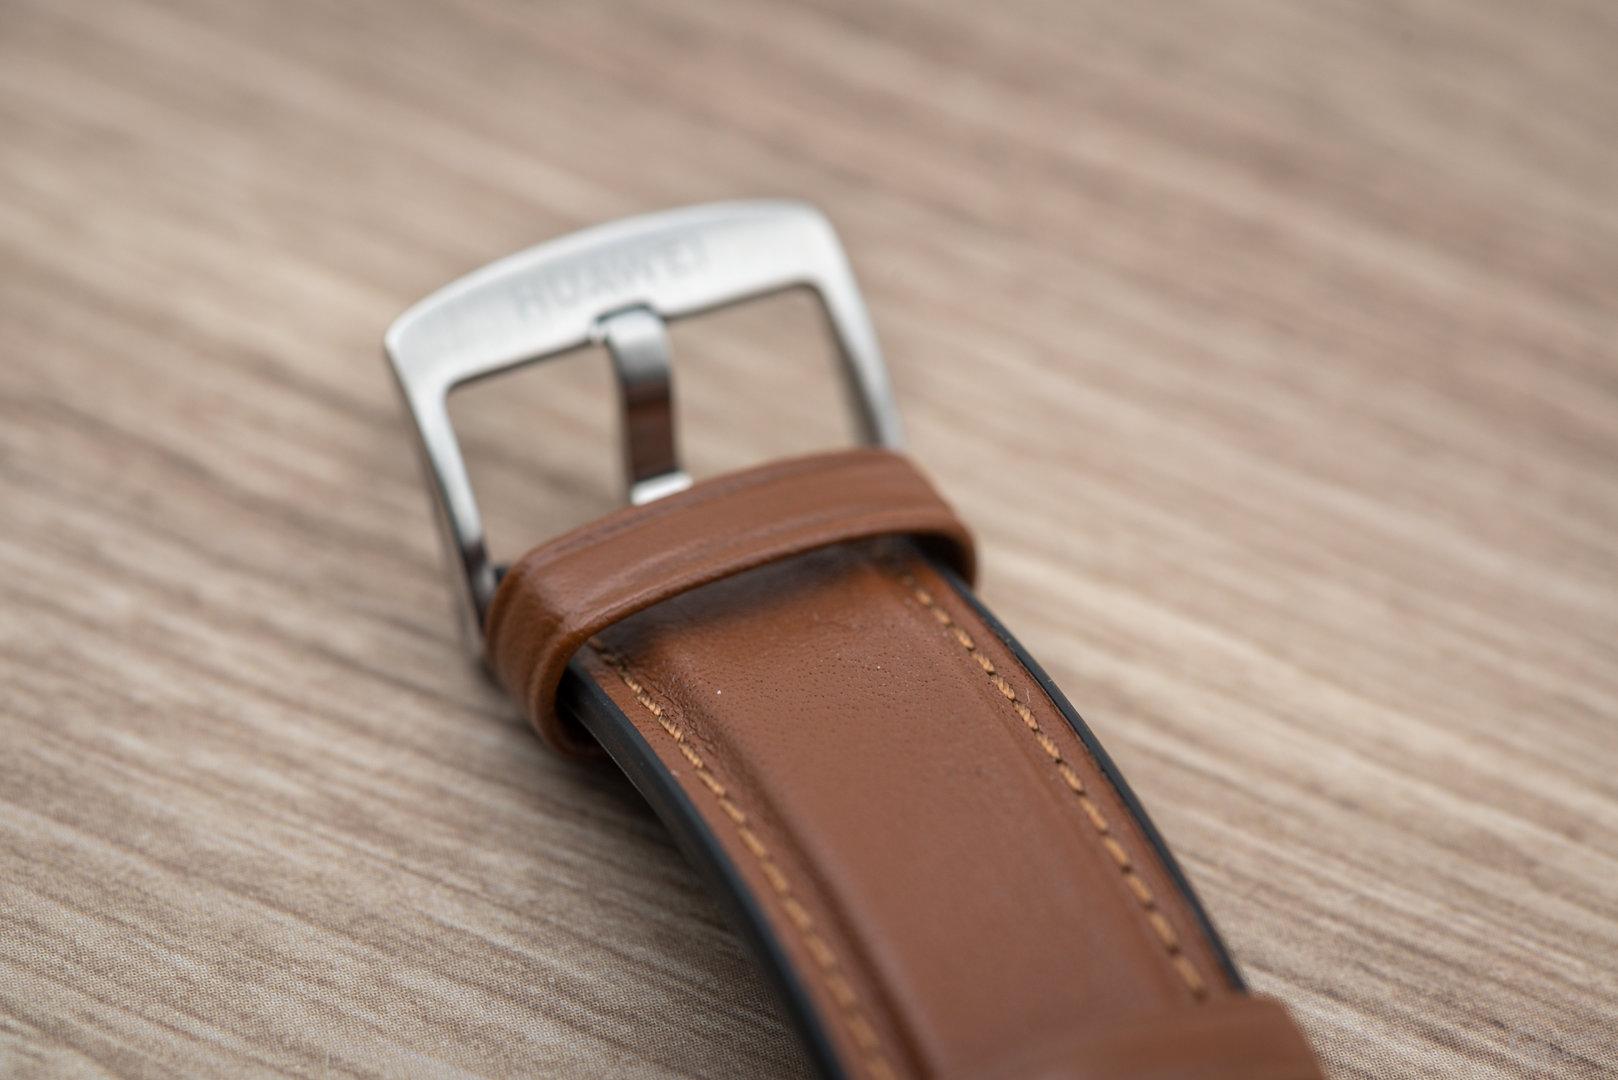 Huawei Watch GT: Dornschließe